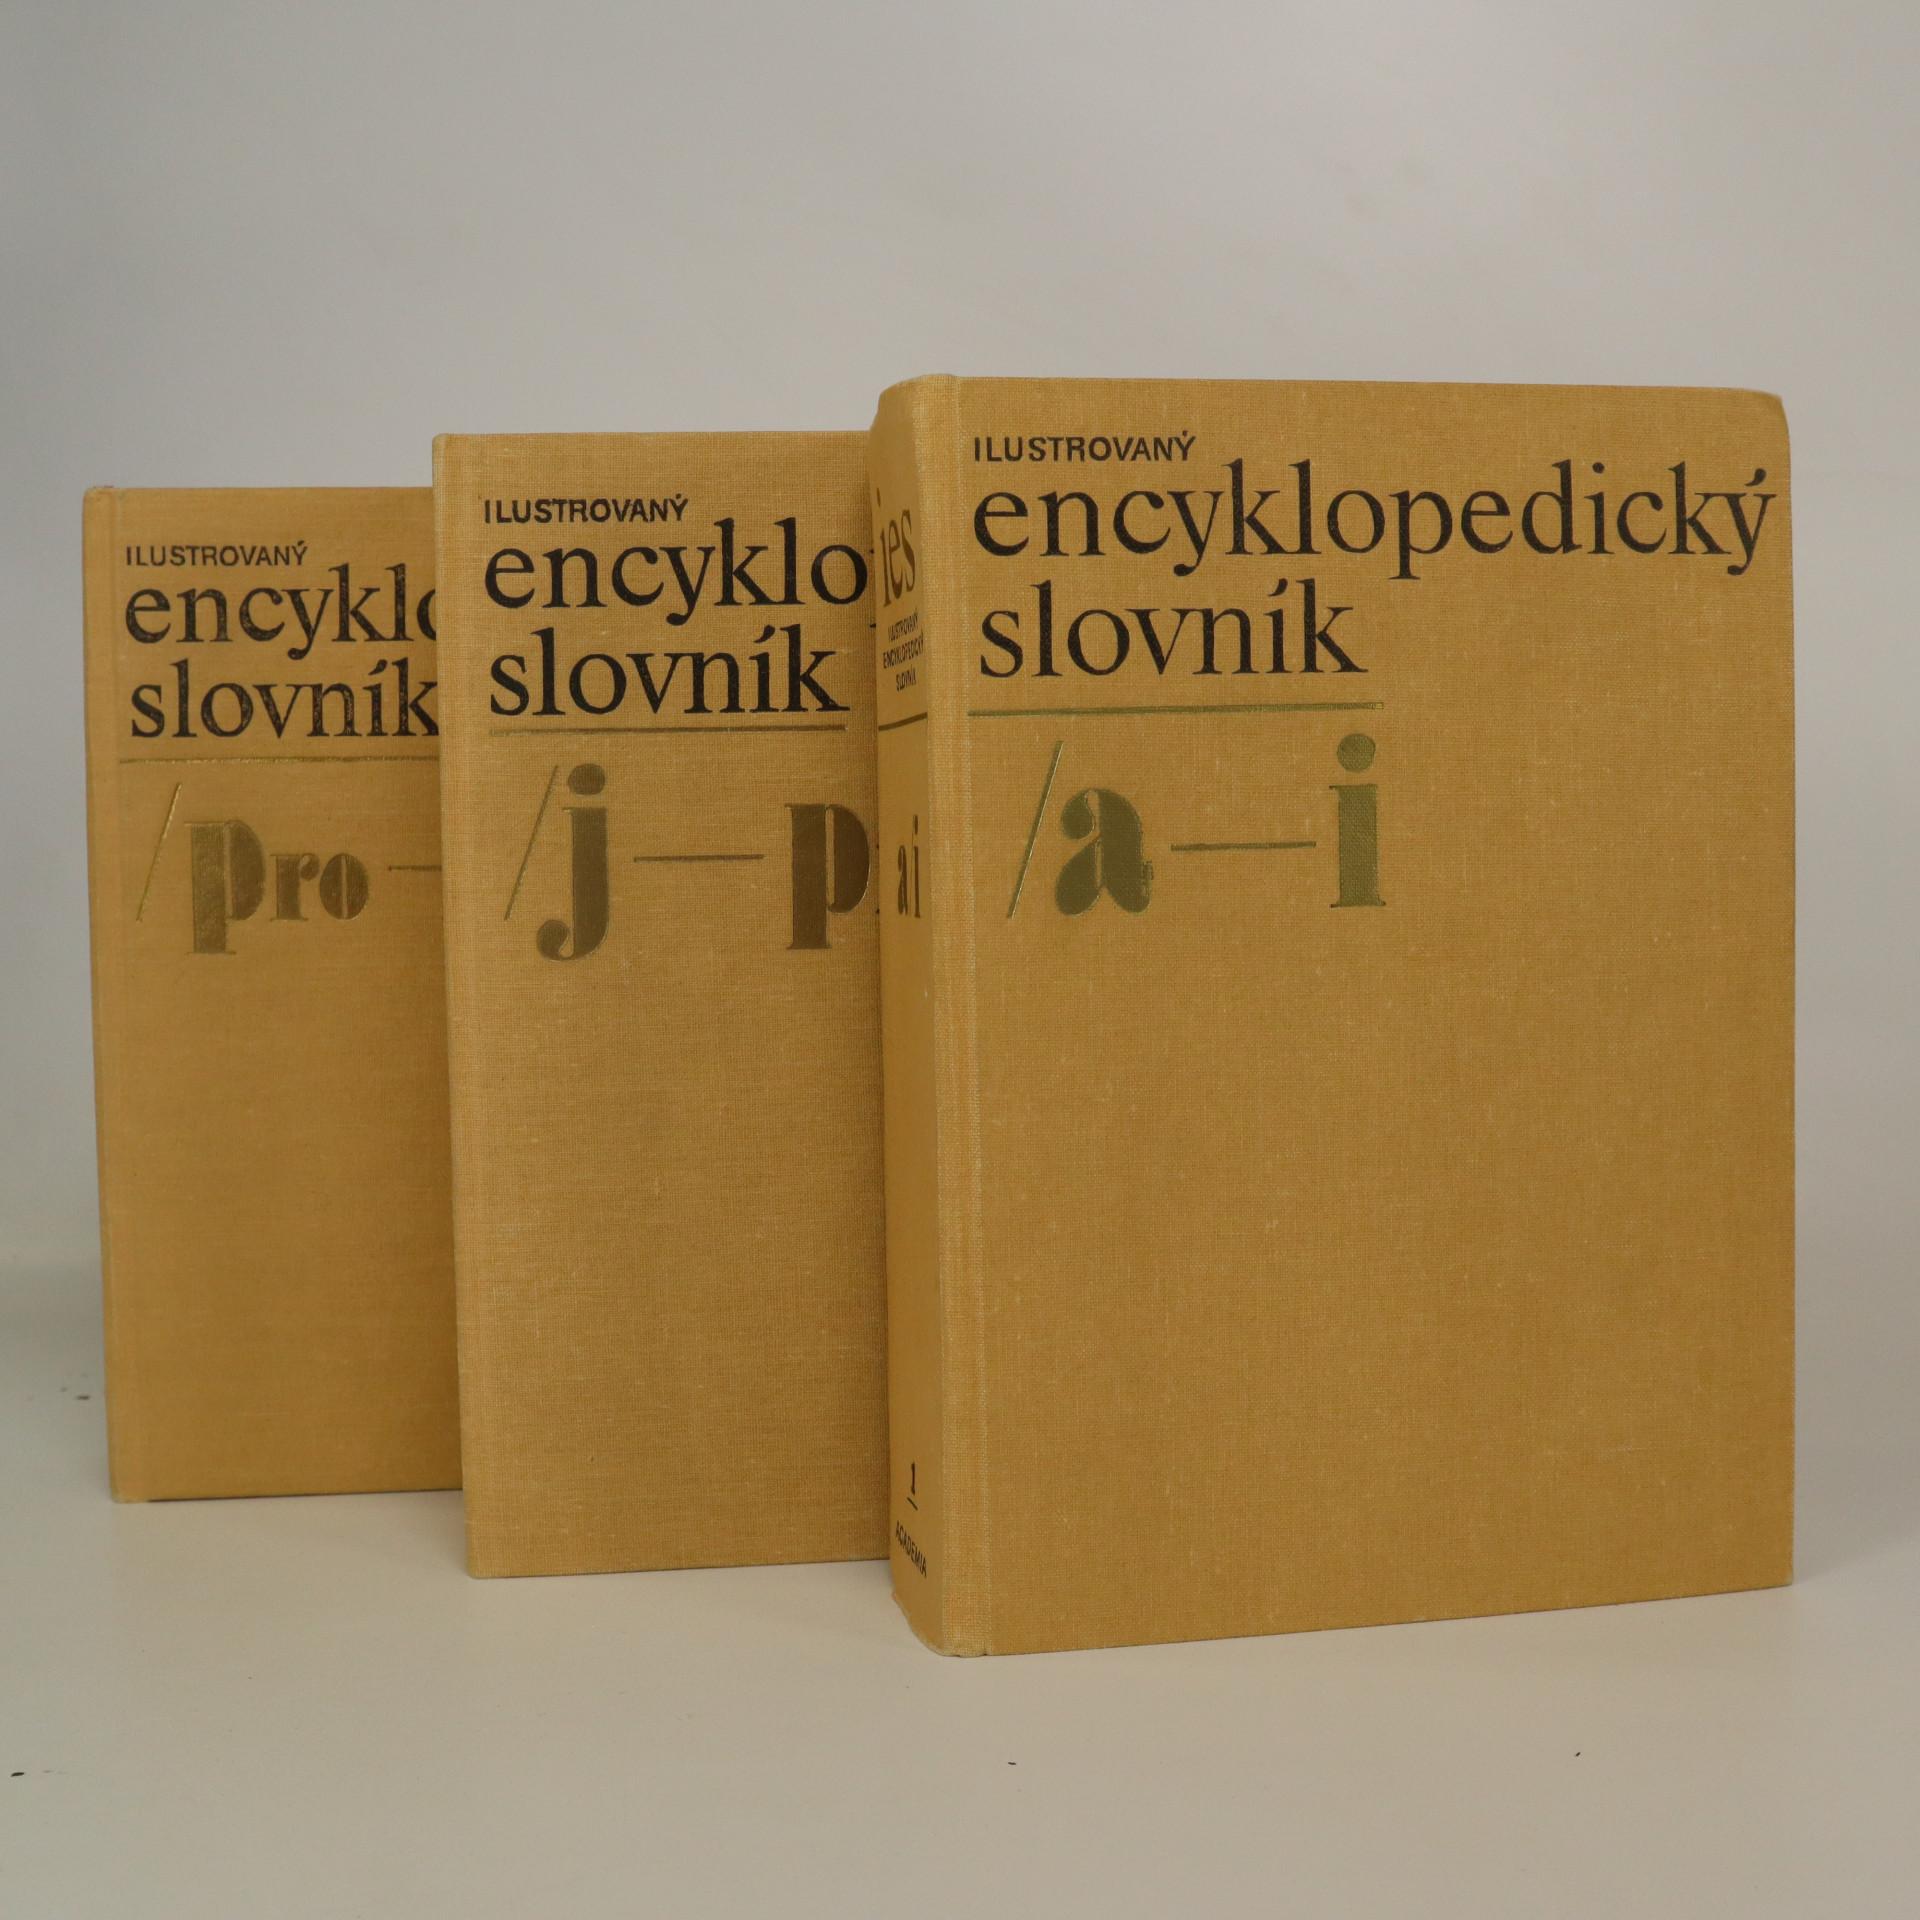 antikvární kniha Ilustrovaný encyklopedický slovník (3 svazky, komplet), 1980-1982